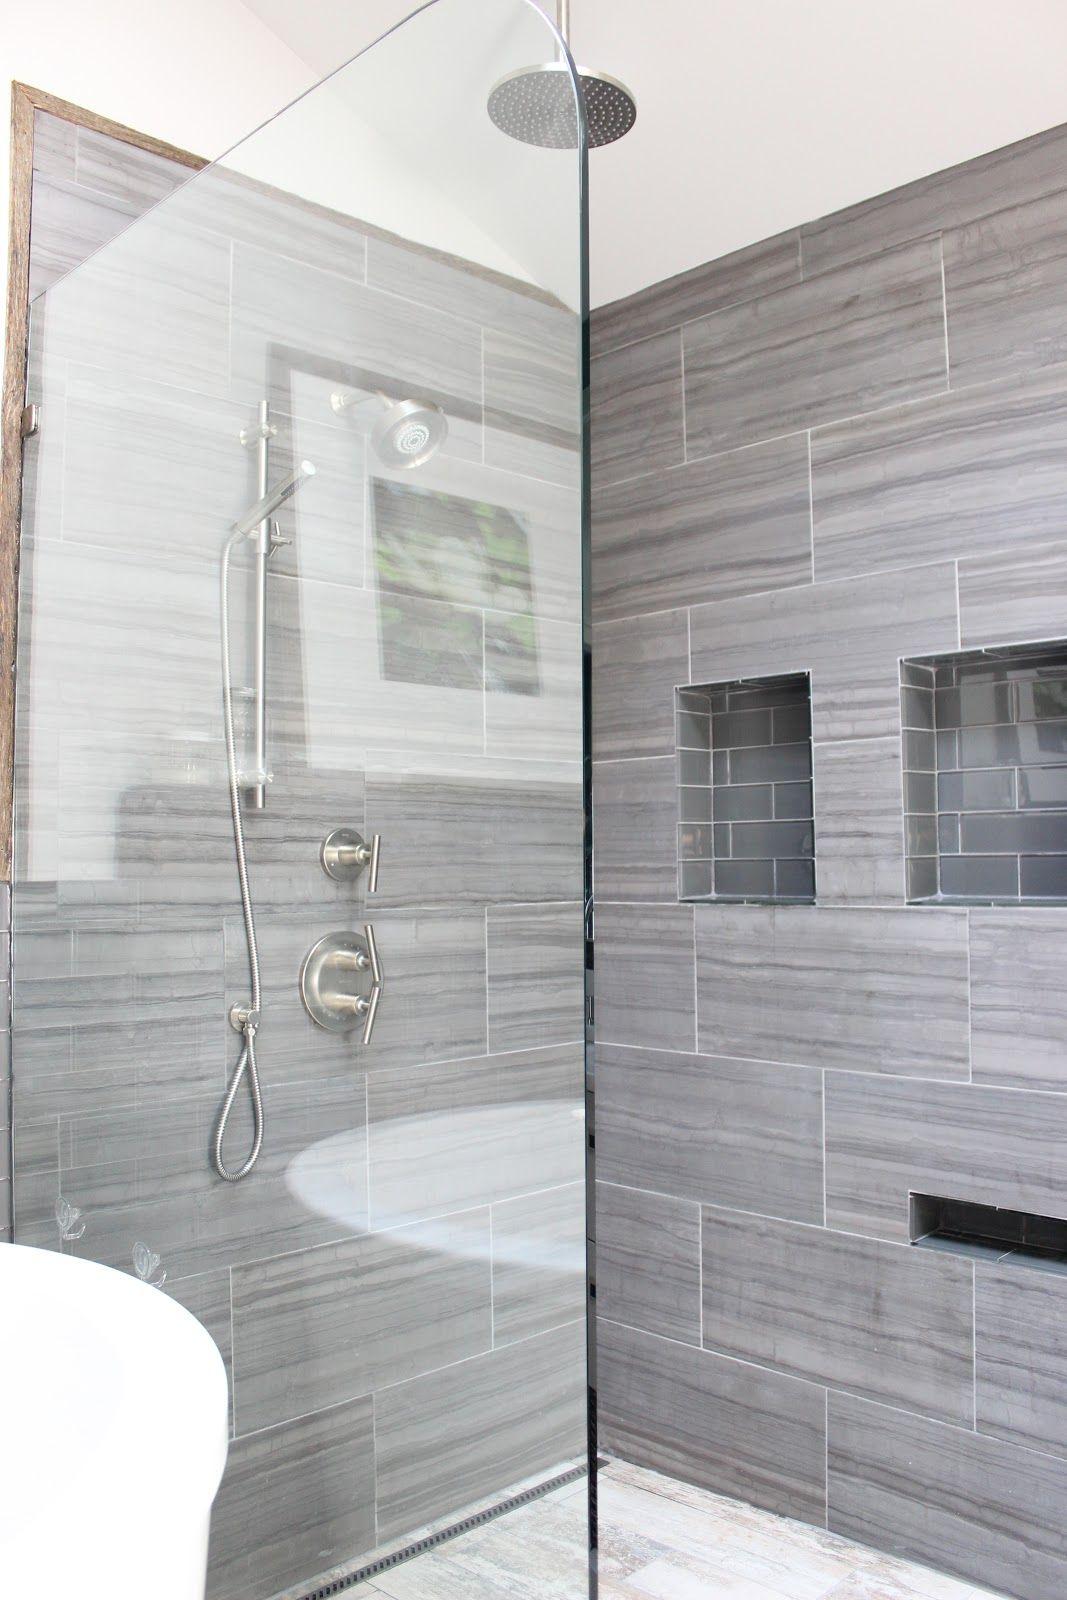 Before And After Large Tile Bathroom Bathrooms Remodel Bathroom Shower Tile